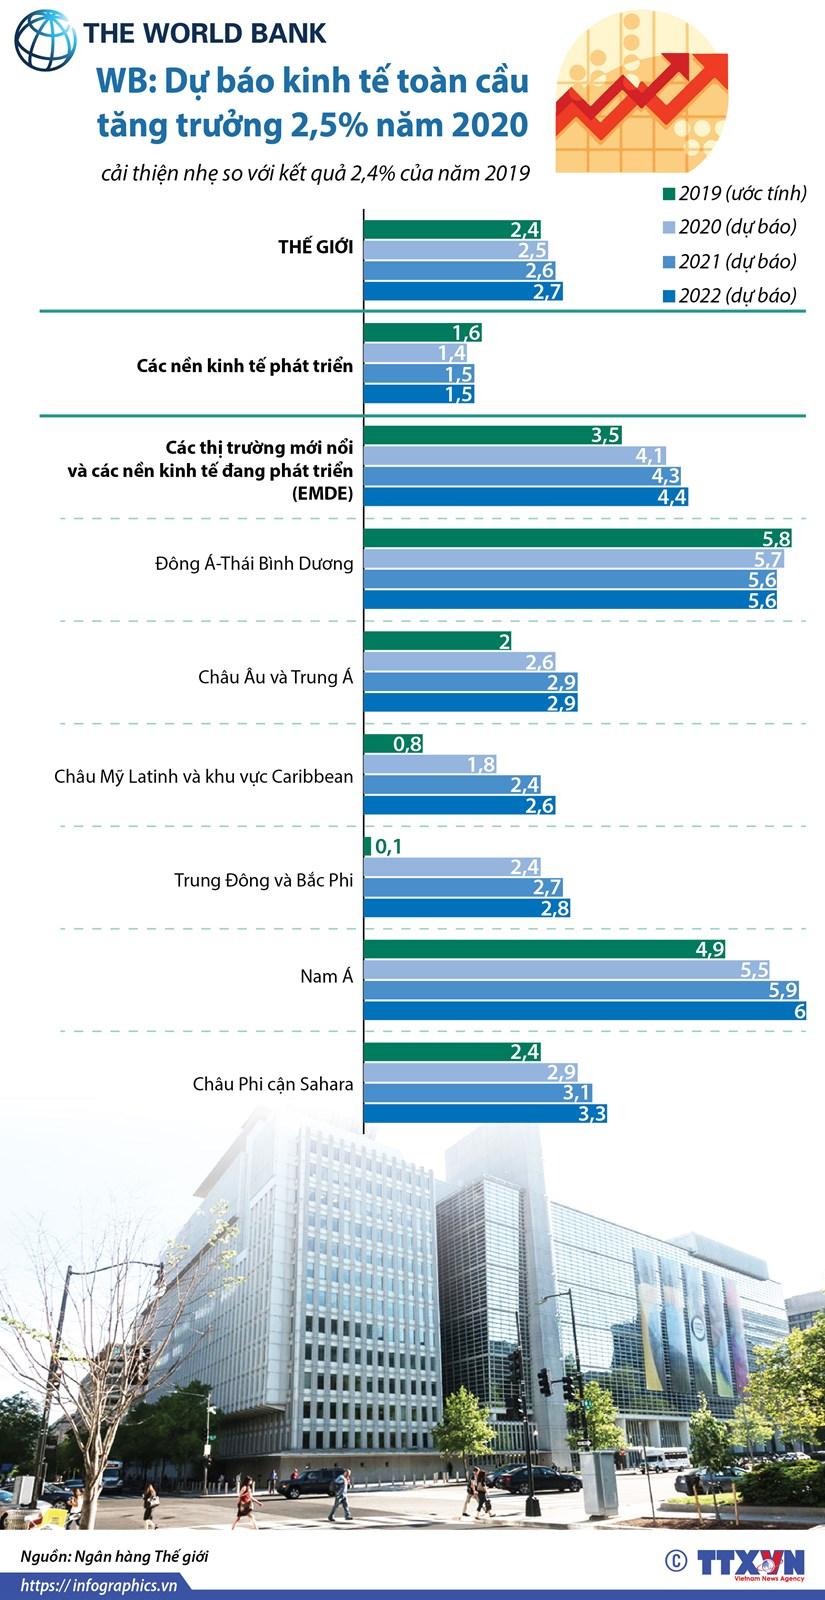 [Infographics] WB: Du bao kinh te toan cau tang truong 2,5% nam 2020 hinh anh 1